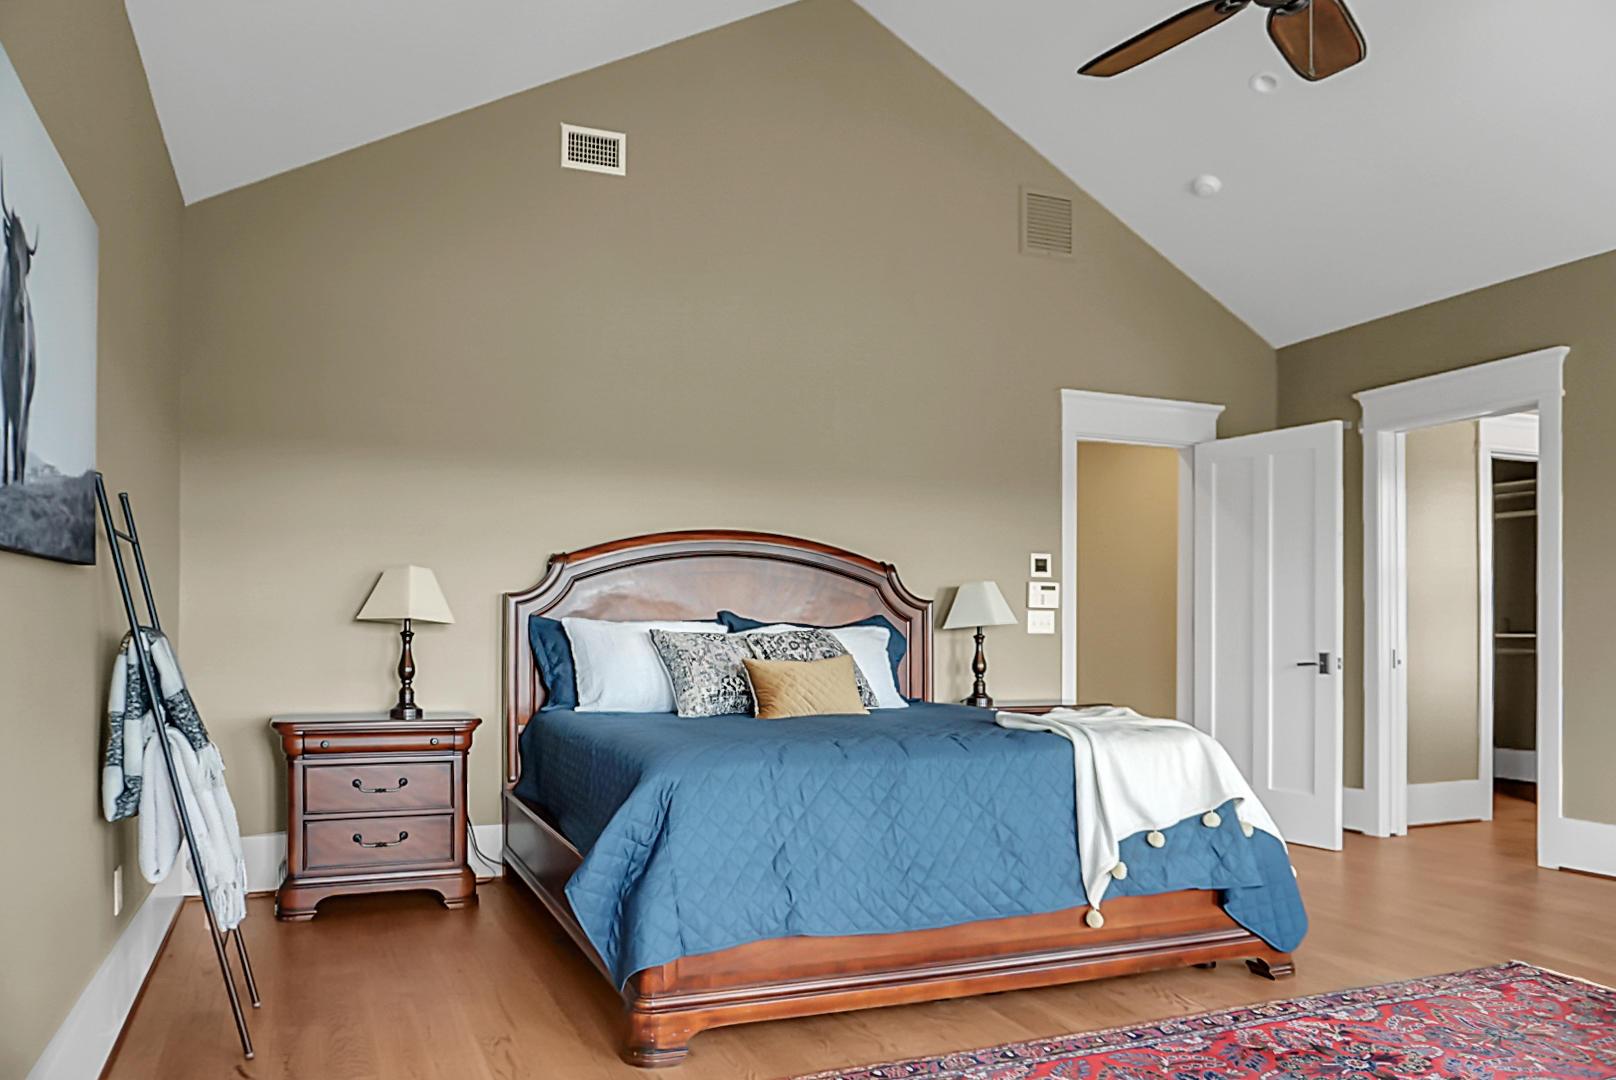 Dunes West Homes For Sale - 2978 River Vista, Mount Pleasant, SC - 4